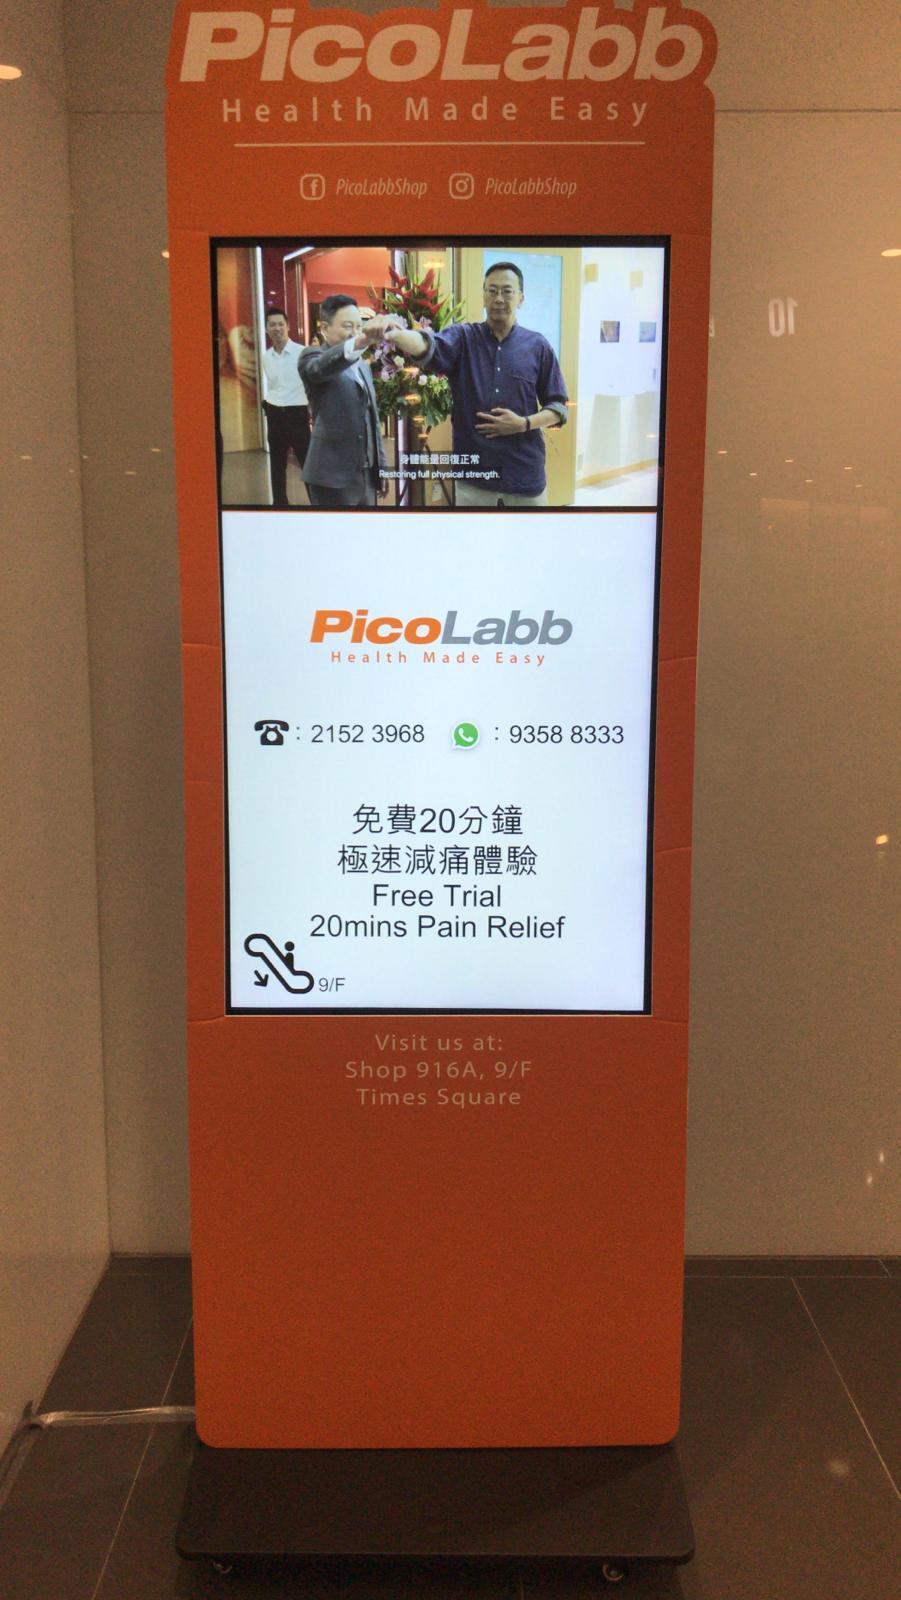 PicoLabb - Hong Kong